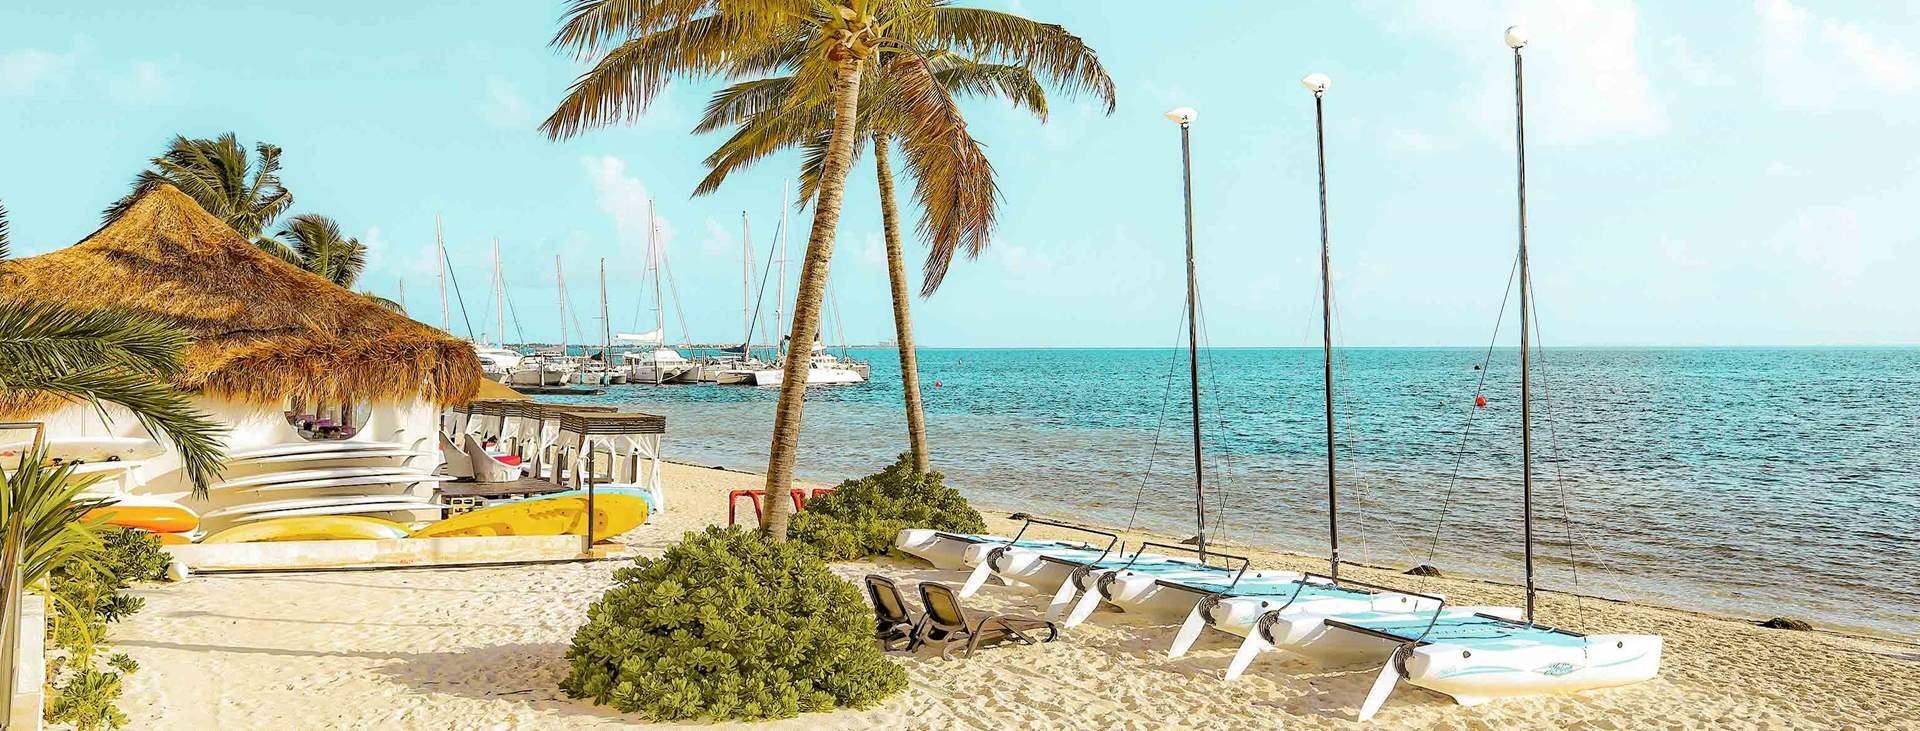 Bestill en reise med All Inclusive til Cancun i Mexico